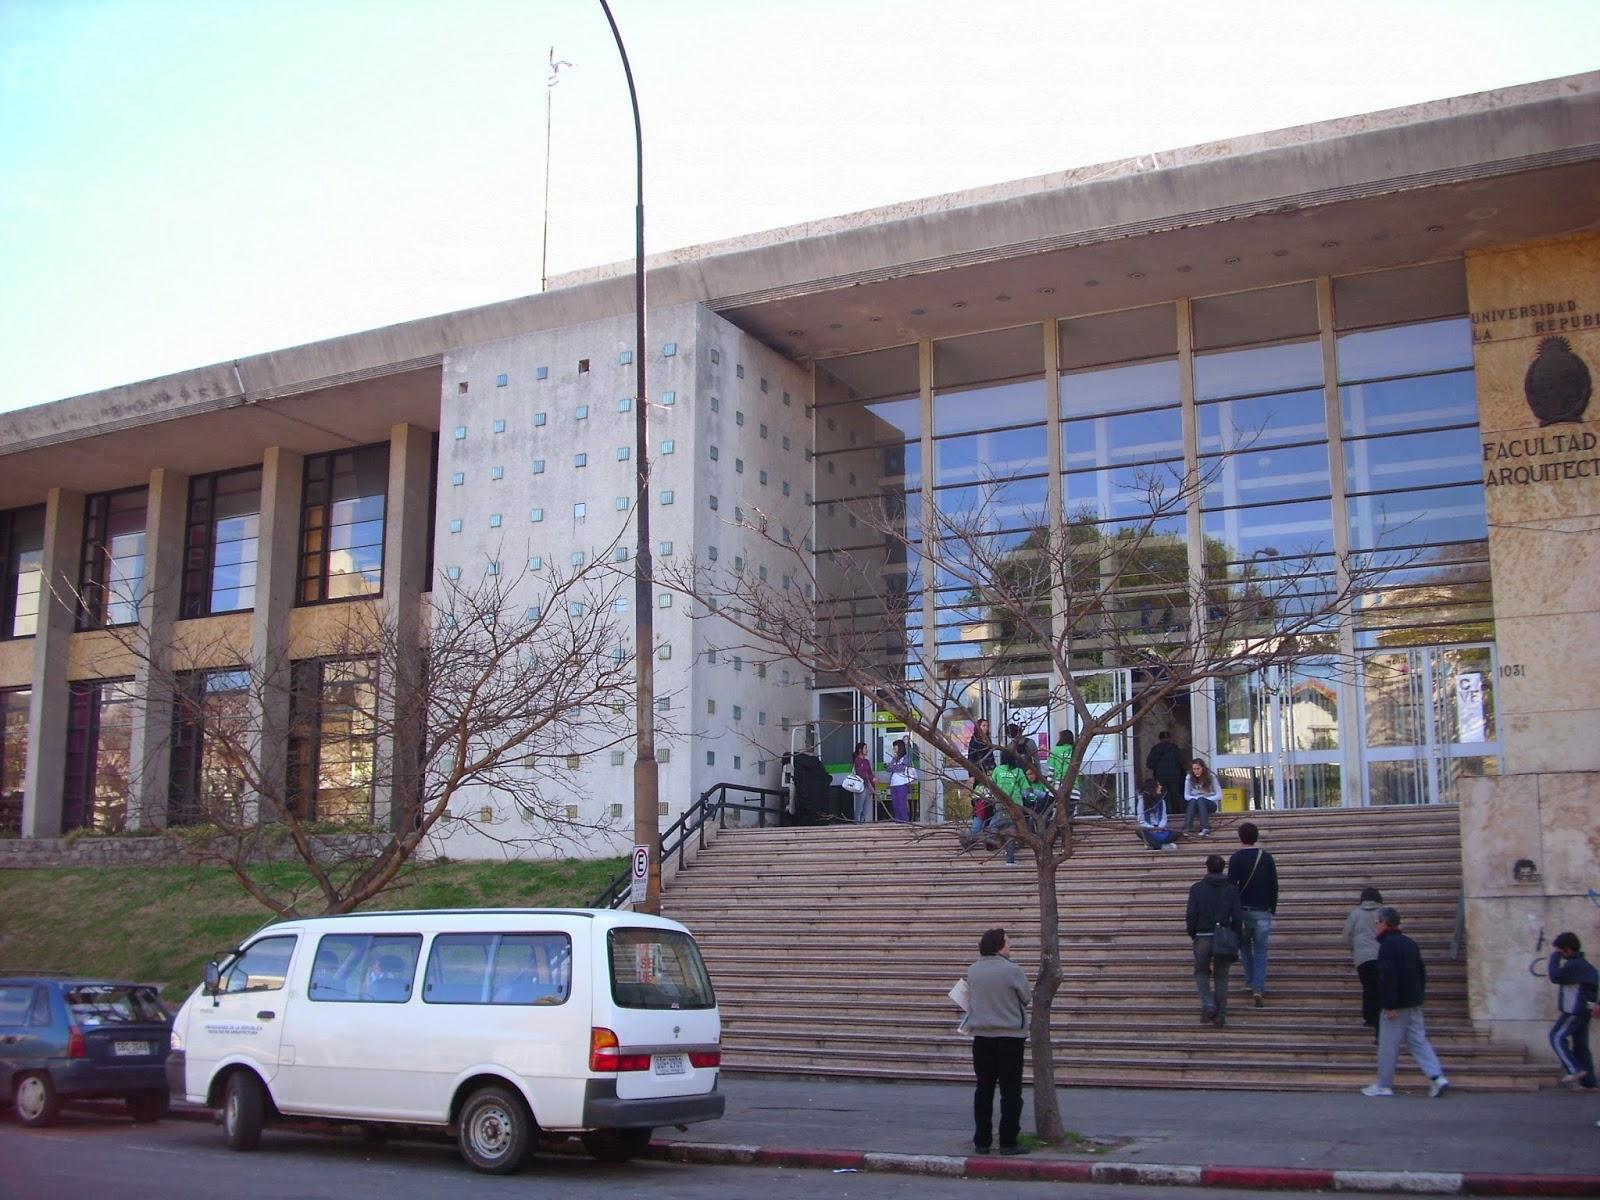 Estudi arte el arte en la historia rom n fresnedo siri for Facultad de arquitectura una